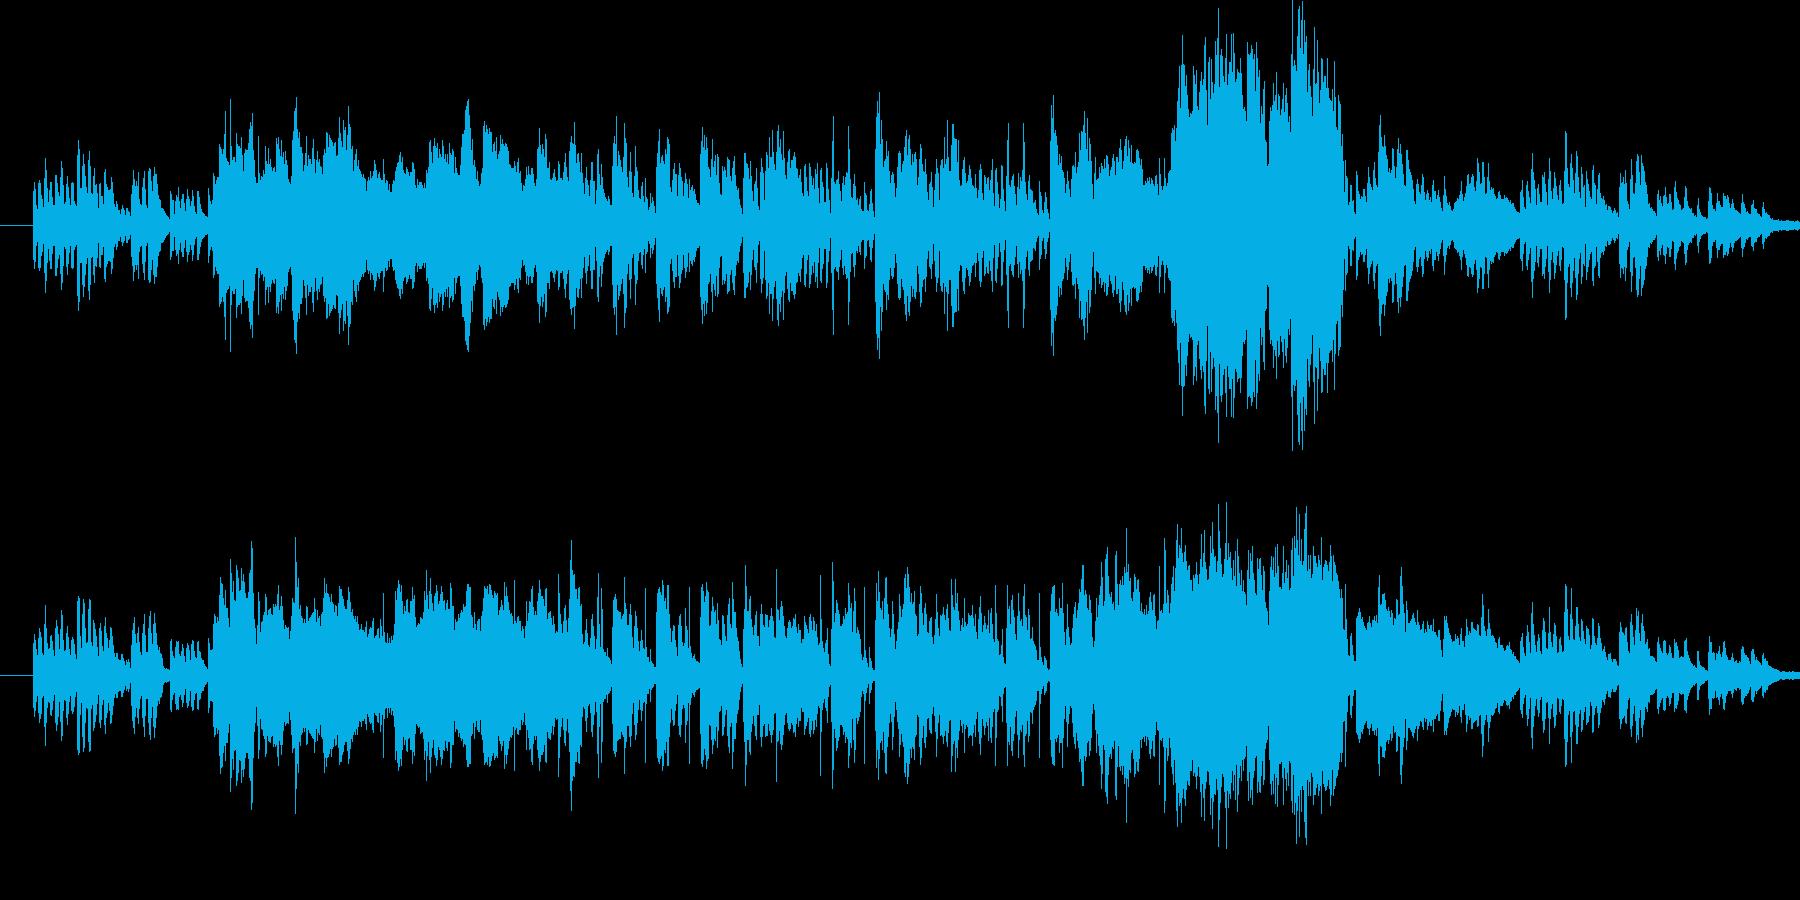 江戸時代をイメージしたほのぼのとした和…の再生済みの波形